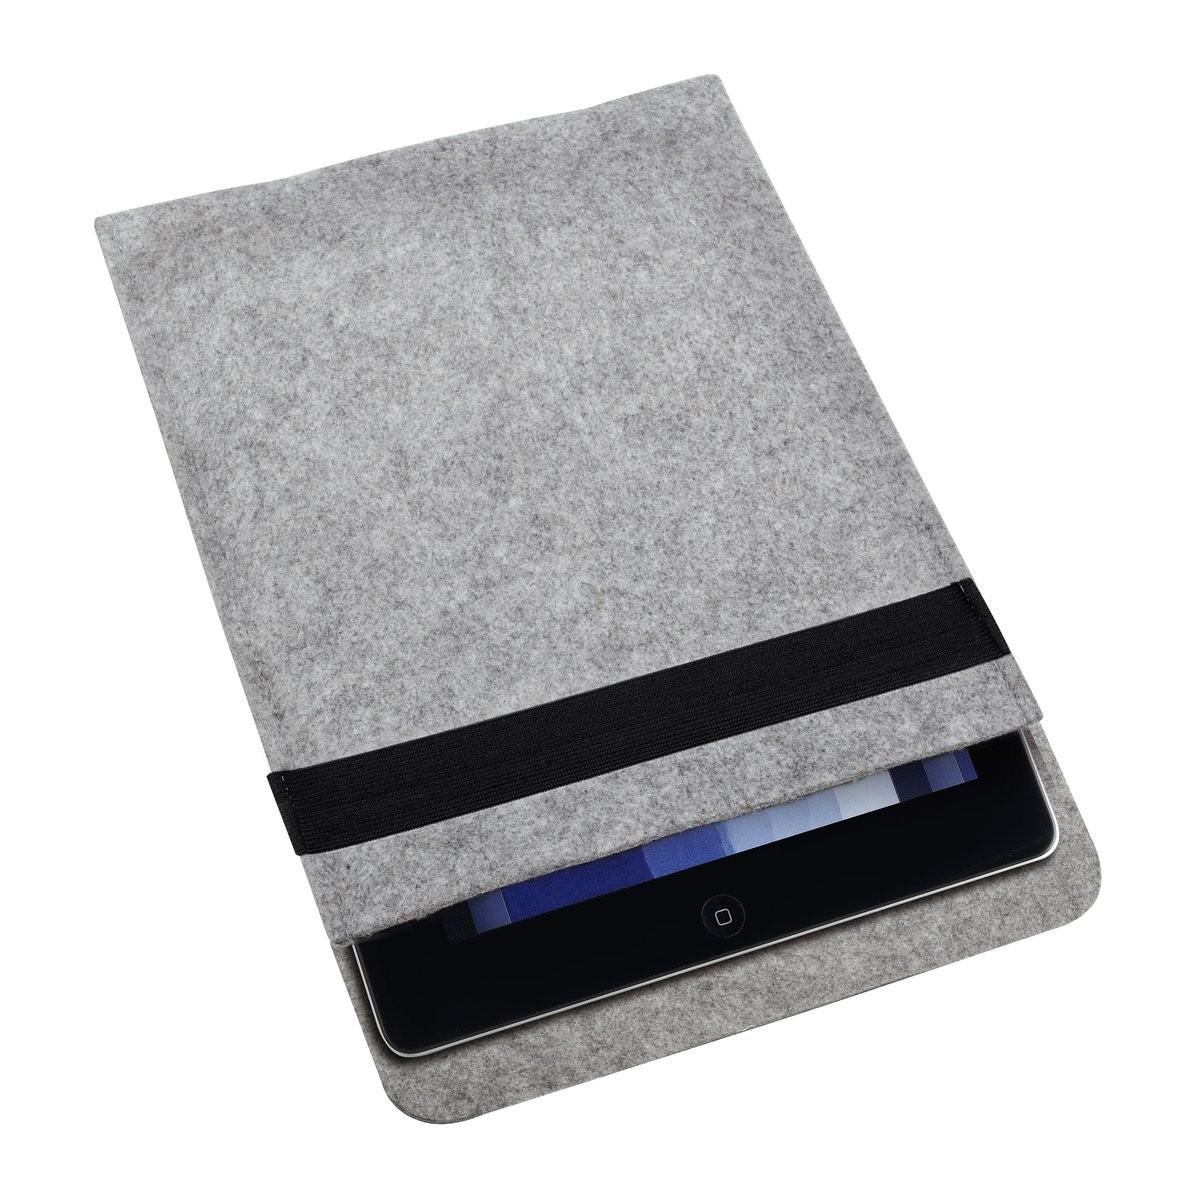 Tabletcomputertasche REFLECTS-GADSDEN LIGHT GREY, Ansicht 2